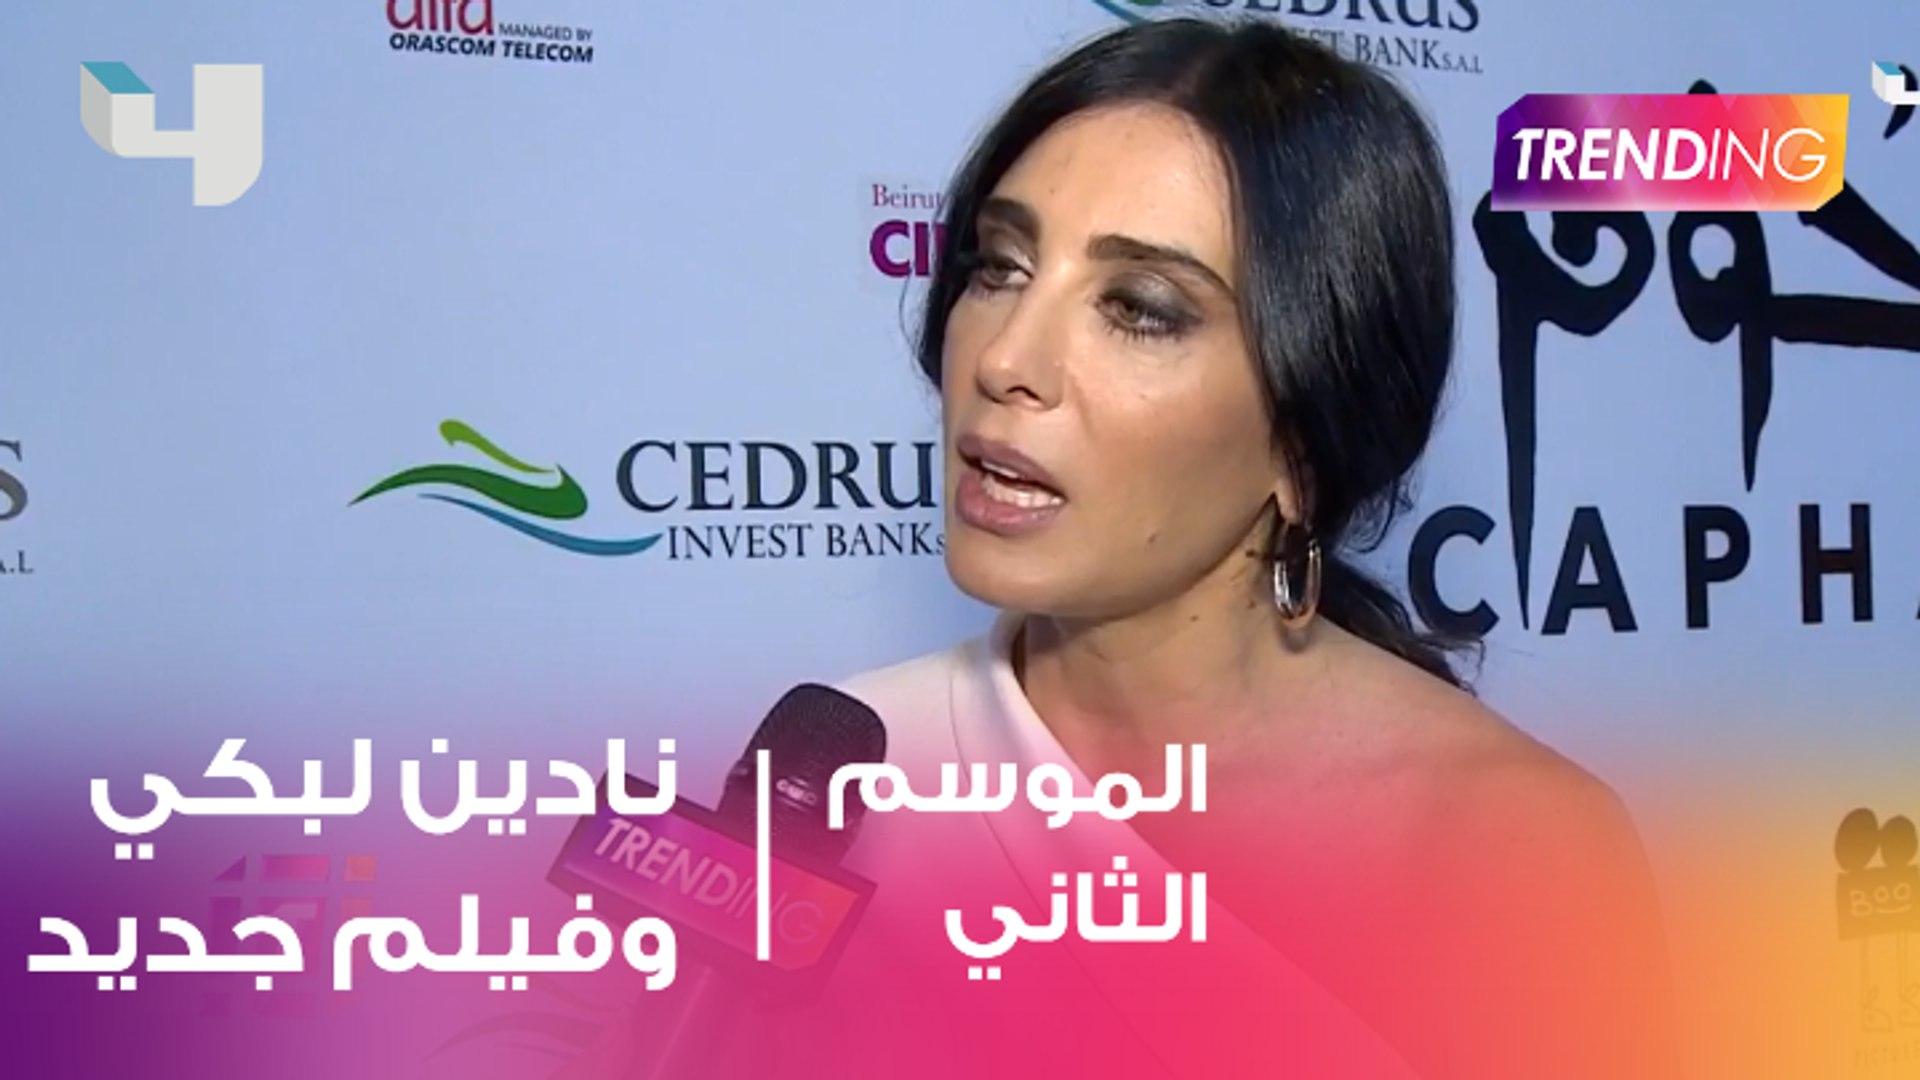 عروض جماهيرية في لبنان لفيلم نادين لبكي .. ومفاجأة تحدث مع بطل الفيلم